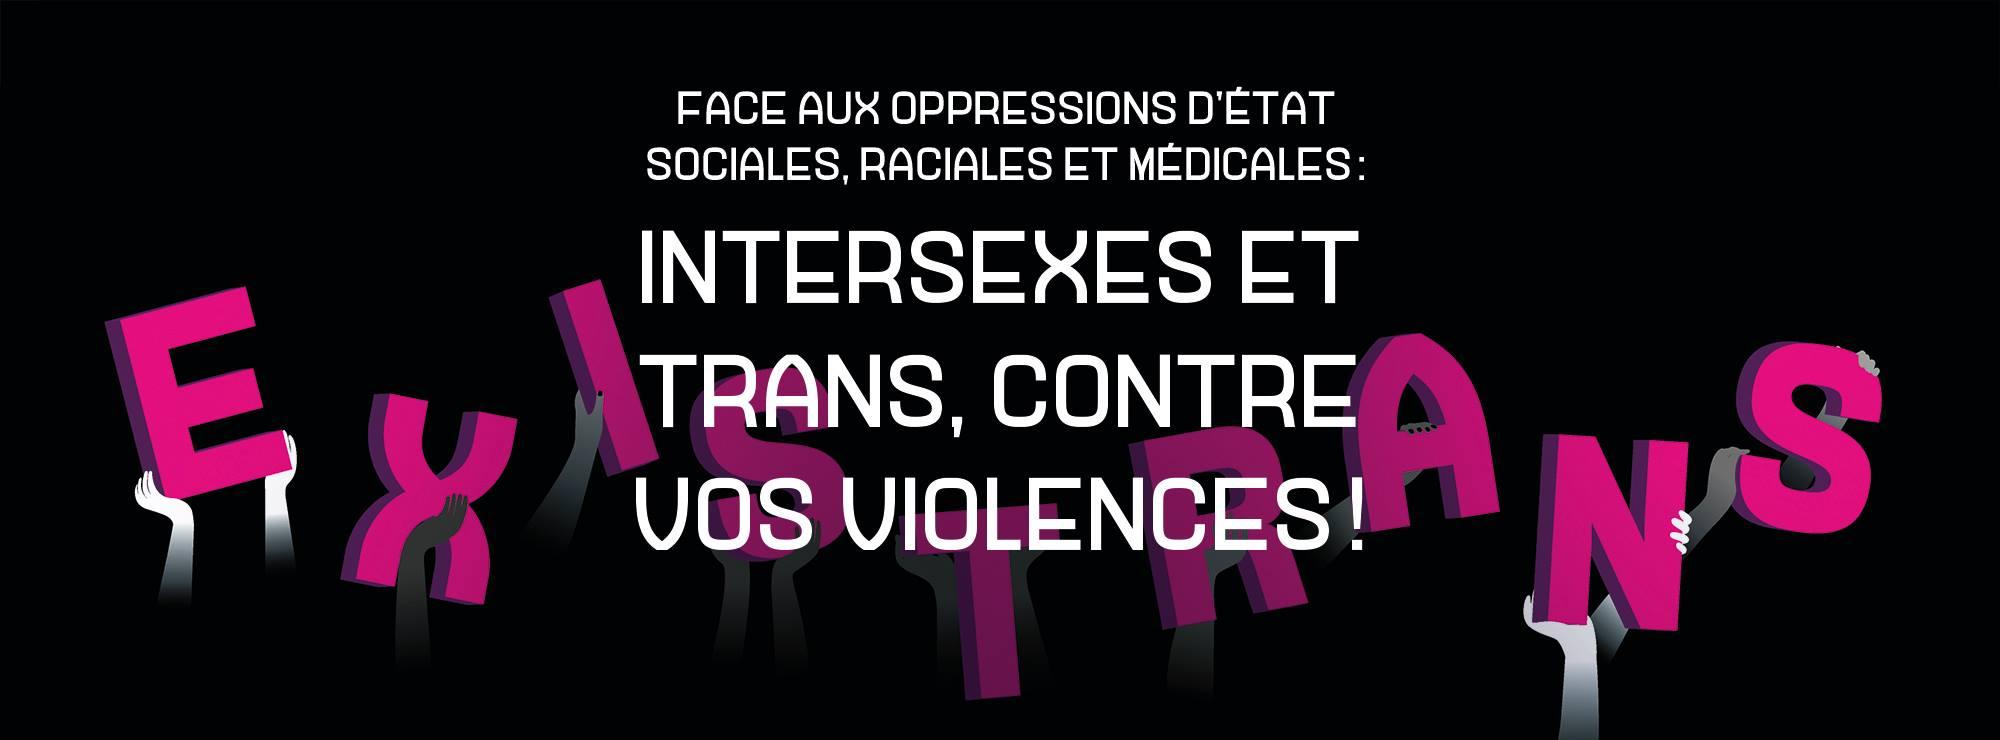 Existrans 2017 : Marchons ensemble « face aux oppressions d'état, sociales, raciales et médicales »